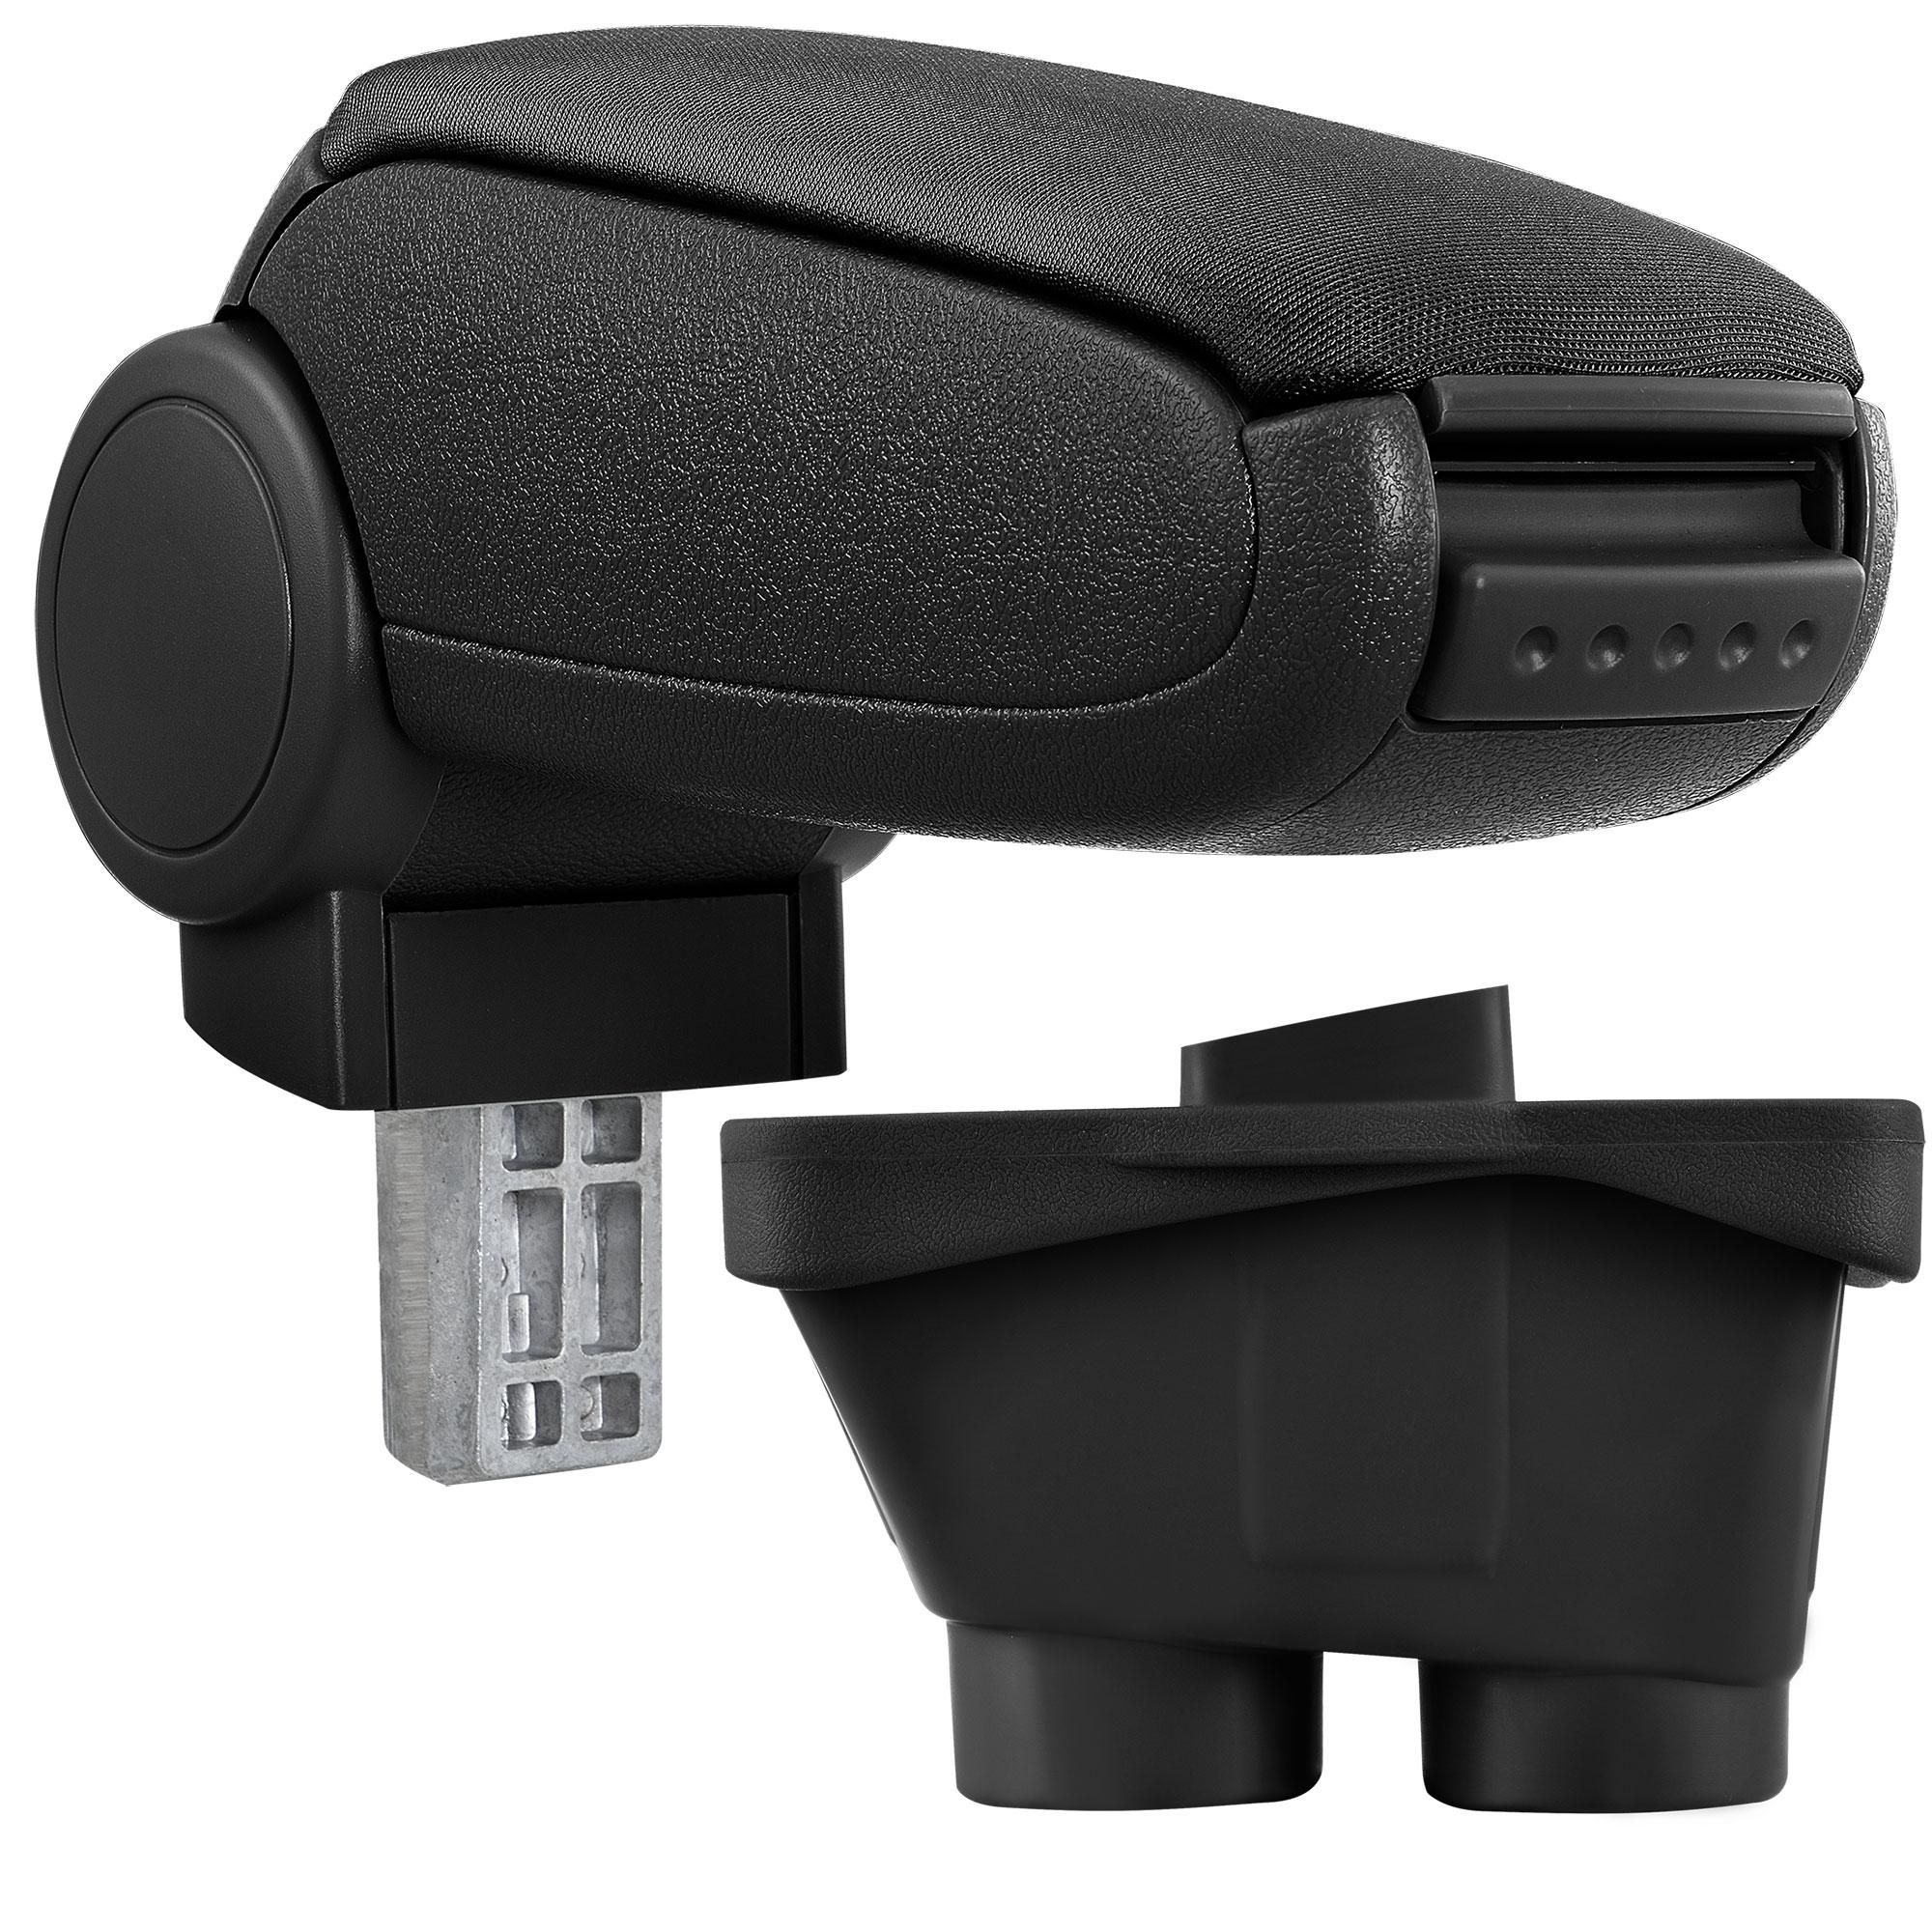 Středová loketní opěrka - vhodná pro: Peugeot 208 (Rok výroby od 2012, 3dv/5dv) - Látkový potah (plochá tkanina) - Černá s černými švy